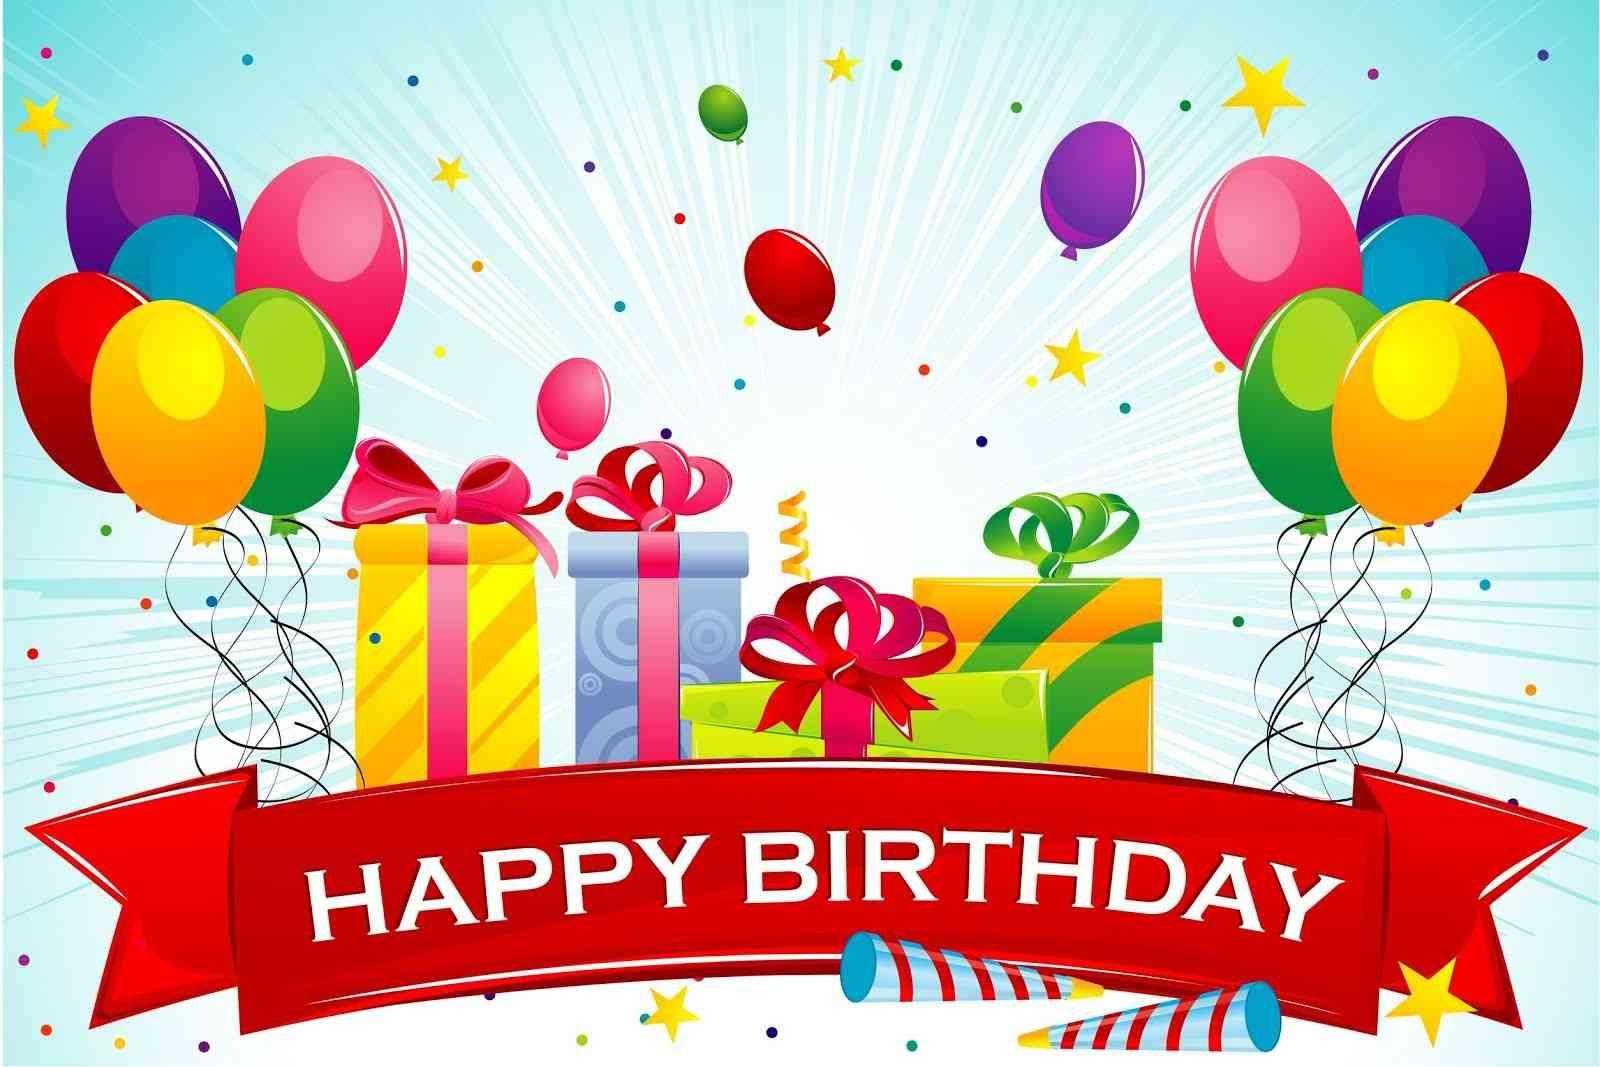 happy birthday wishes wallpaperjpg 1600x1067